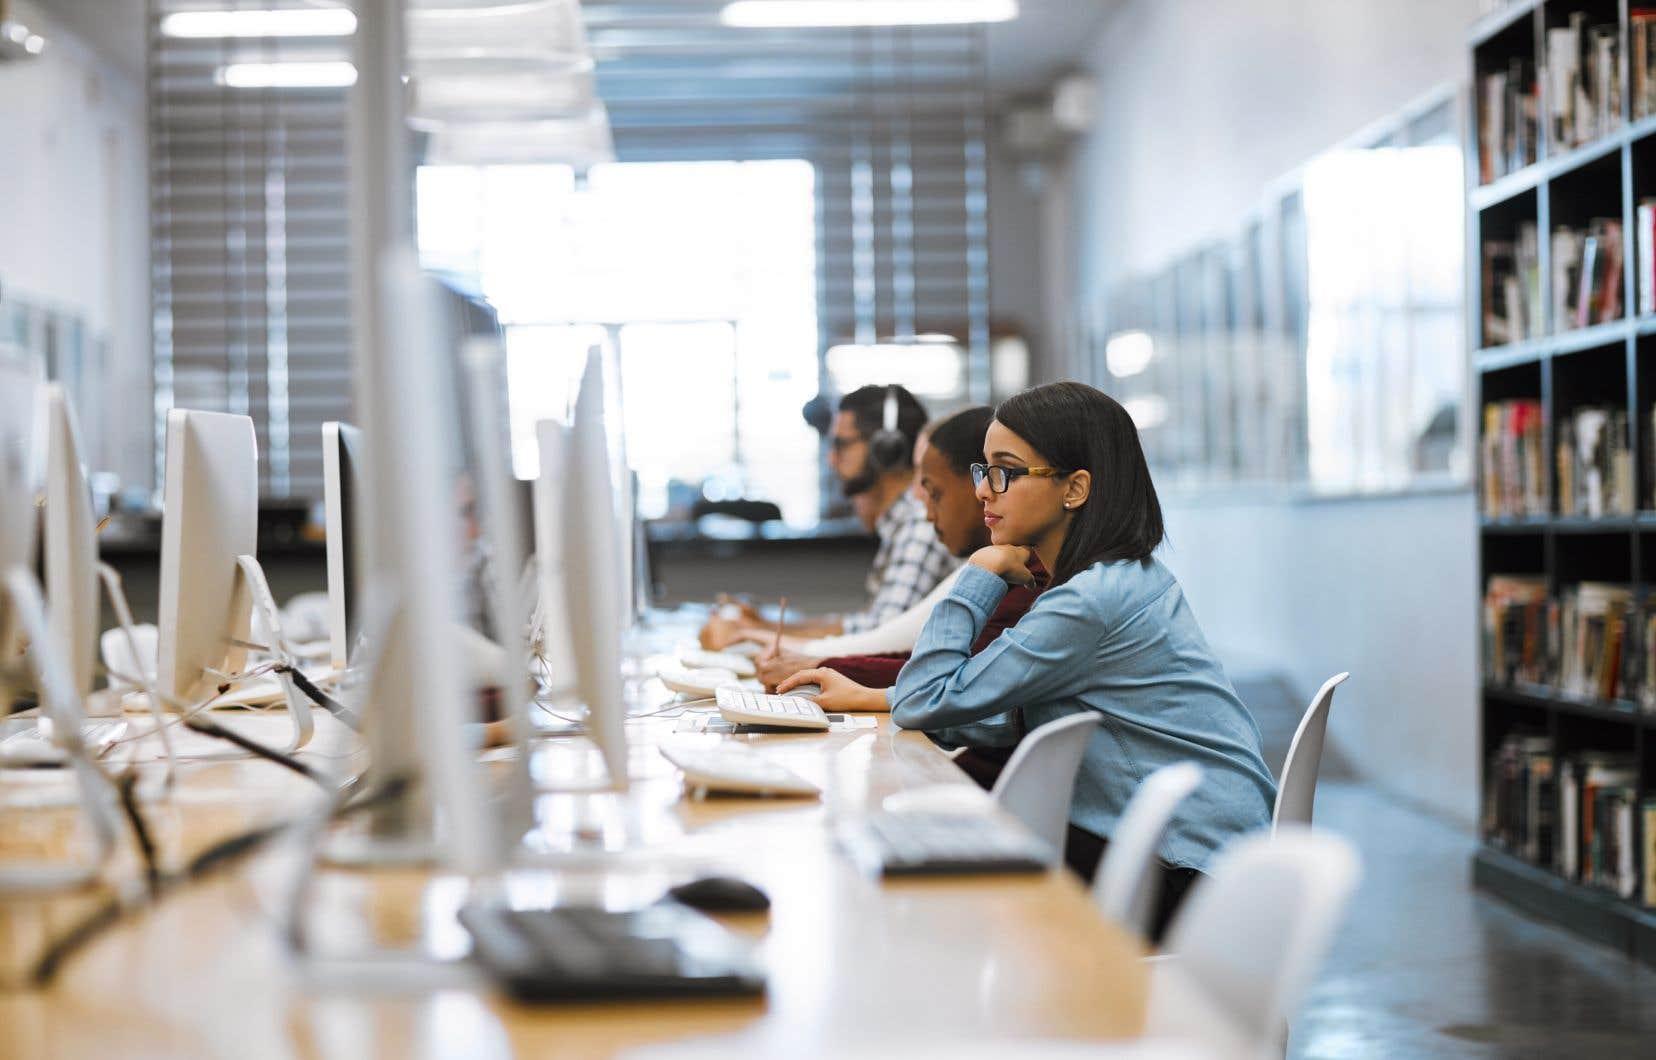 Le Collège de Bois-de-Boulogne propose une formation pour les adultes qui souhaitent devenir concepteurs ou programmeurs d'objets intelligents ou développeurs d'application pour le traitement des mégadonnées issues des objets intelligents.